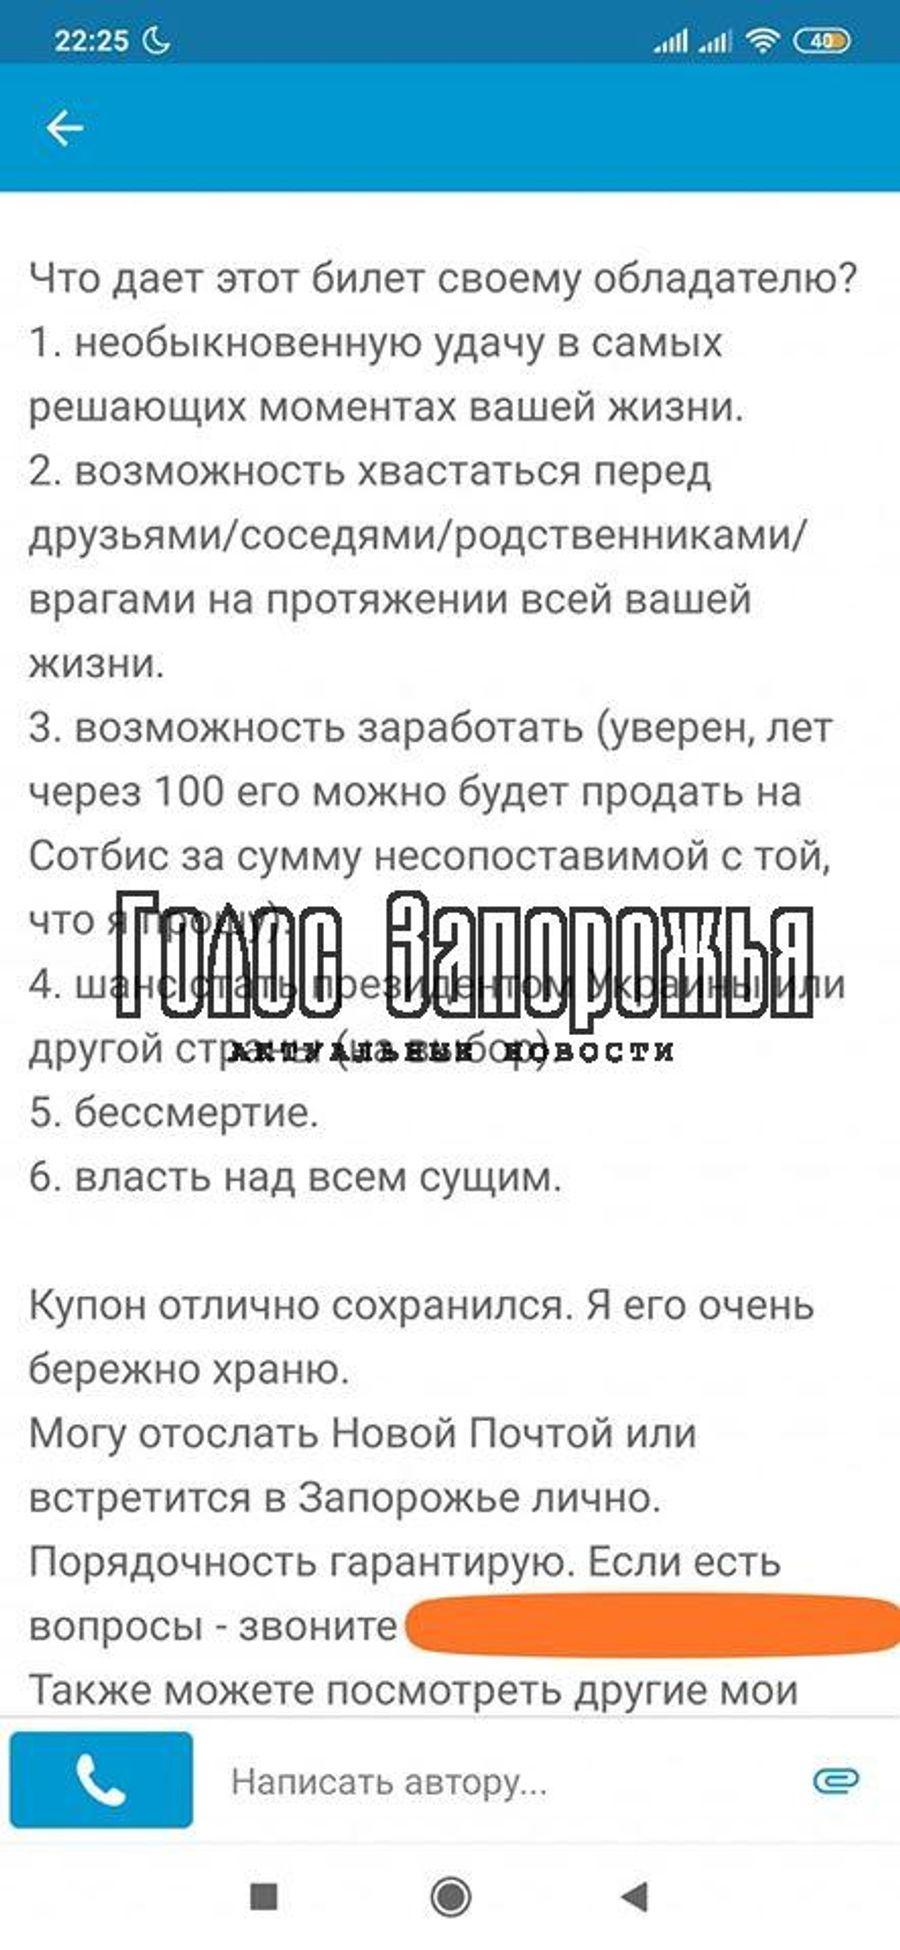 В Запорожье предлагают стать президентом за 10 тысяч гривен.